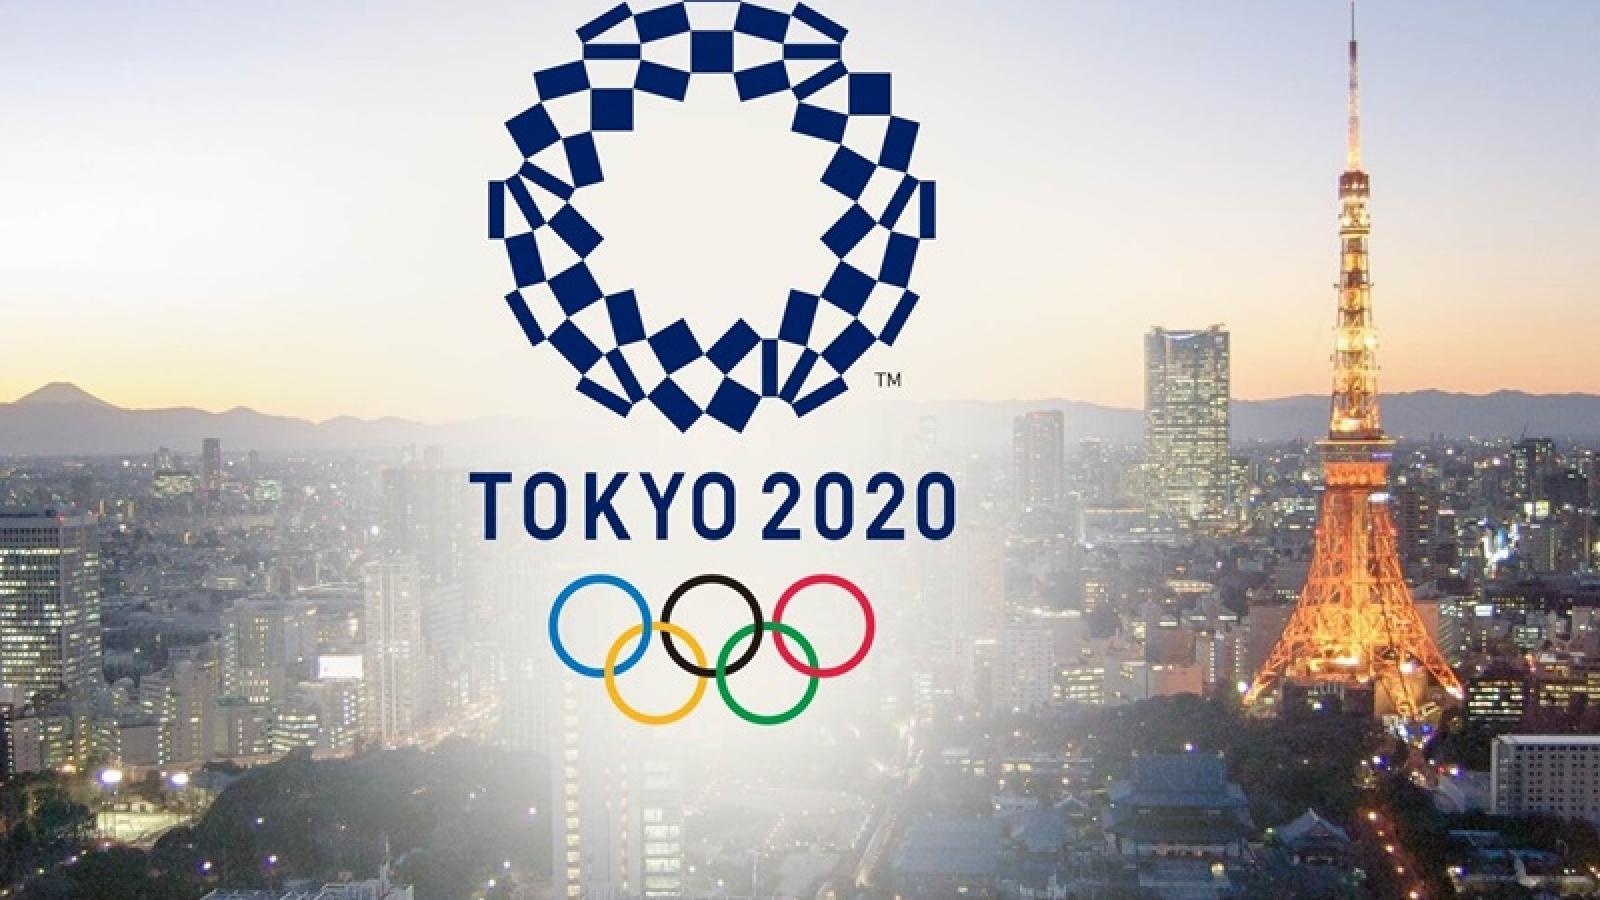 Nhật Bản tái cam kết bảo đảm an toàn cho Olympics Tokyo mùa dịch Covid-19